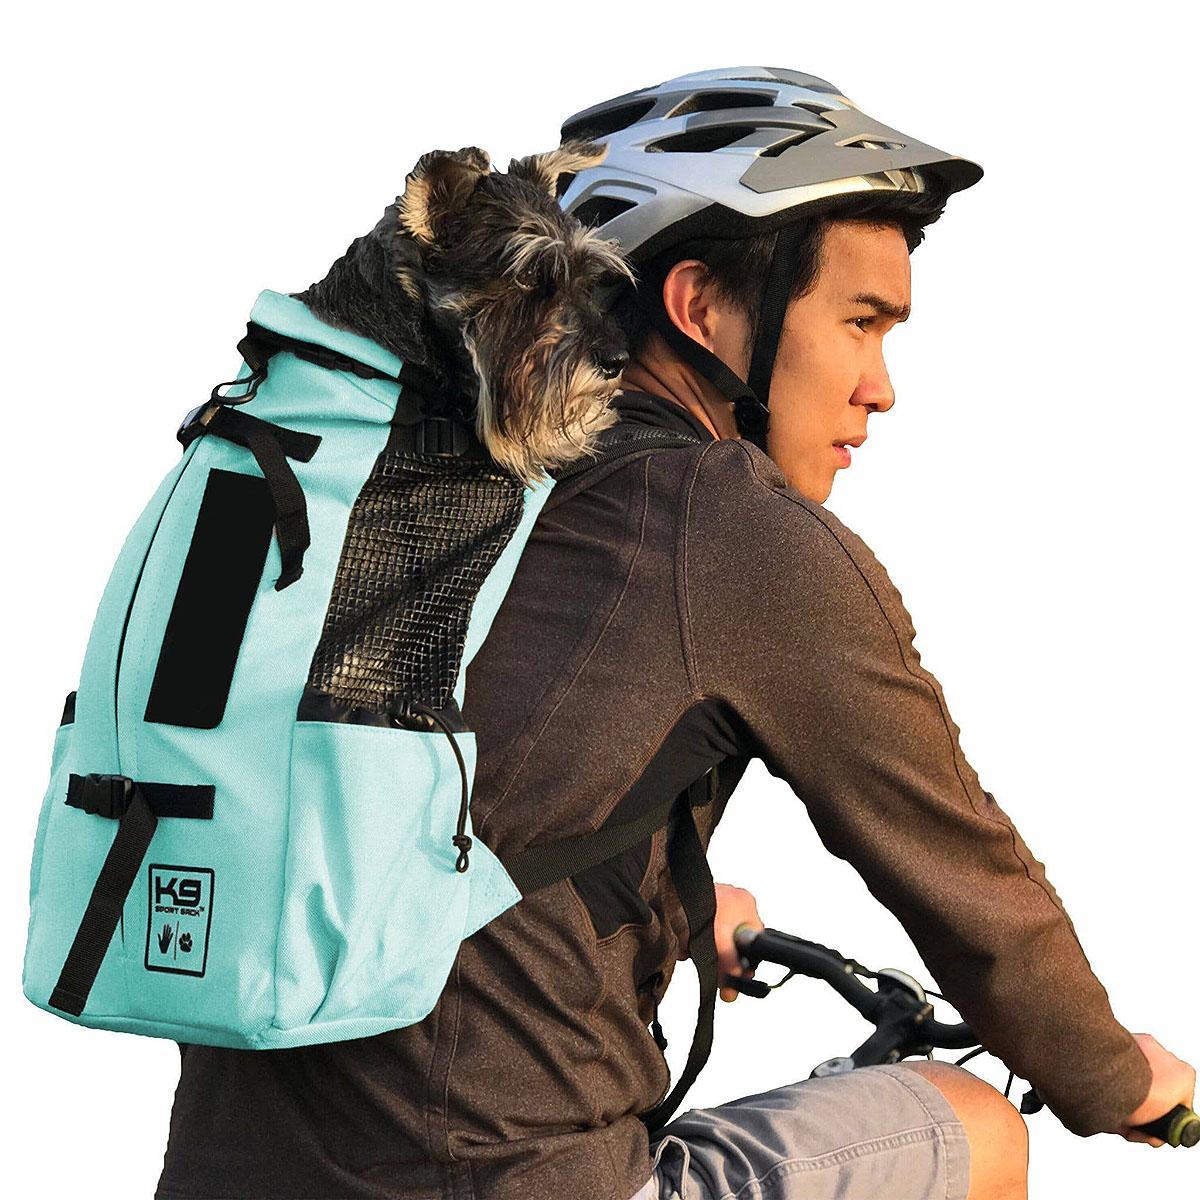 K9 Sport Sack Air 2 Dog Backpack - Mint